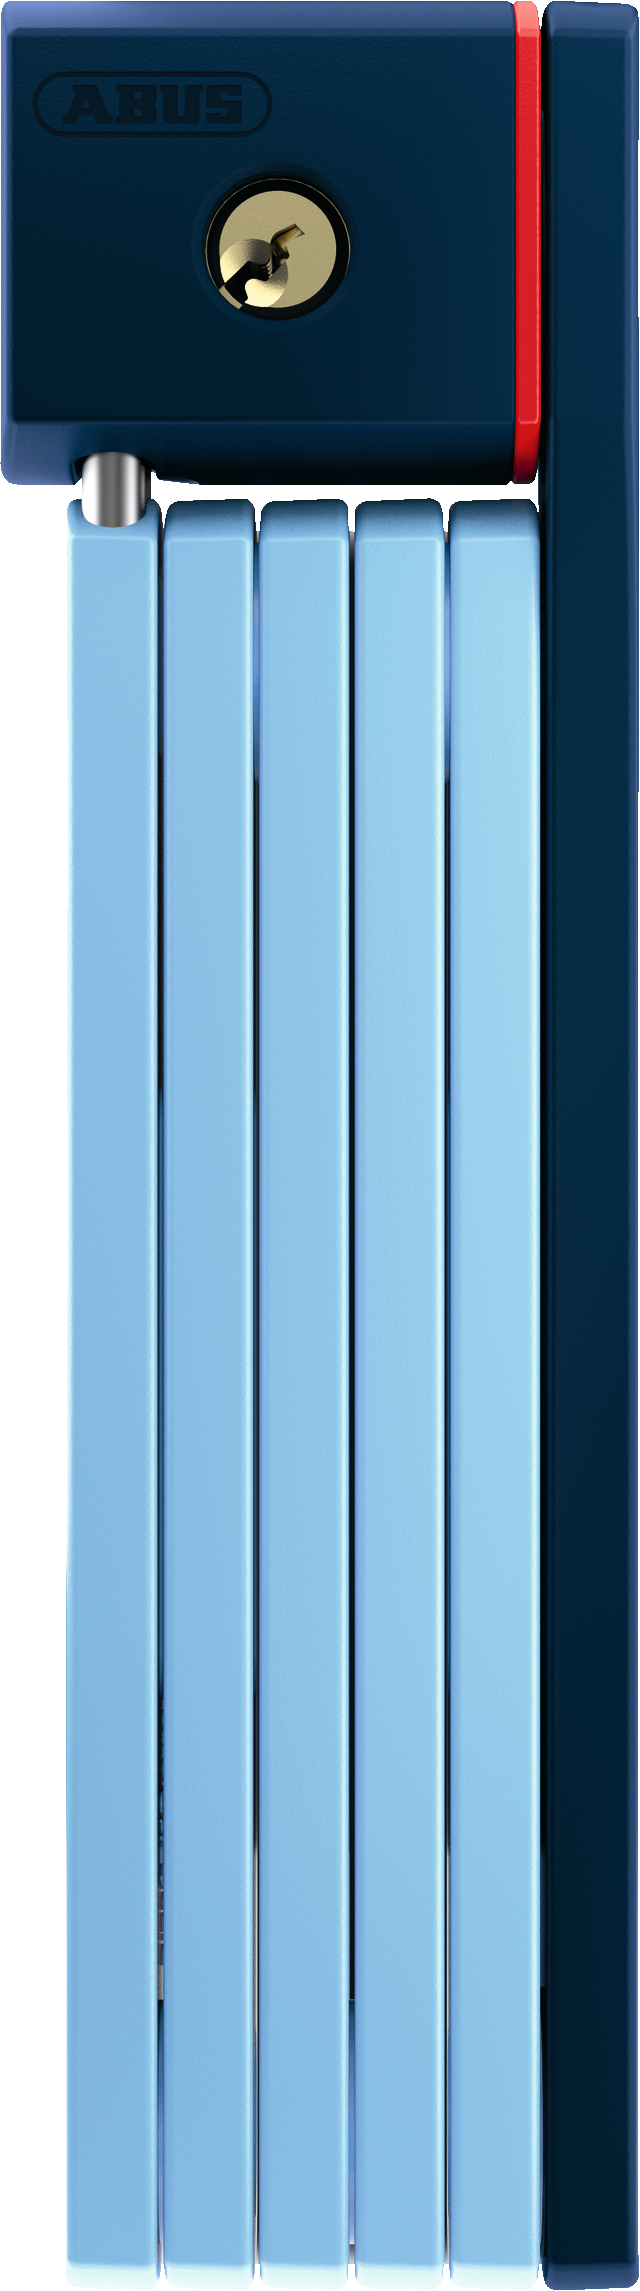 Vikbart lås 5700/80 core blue SH